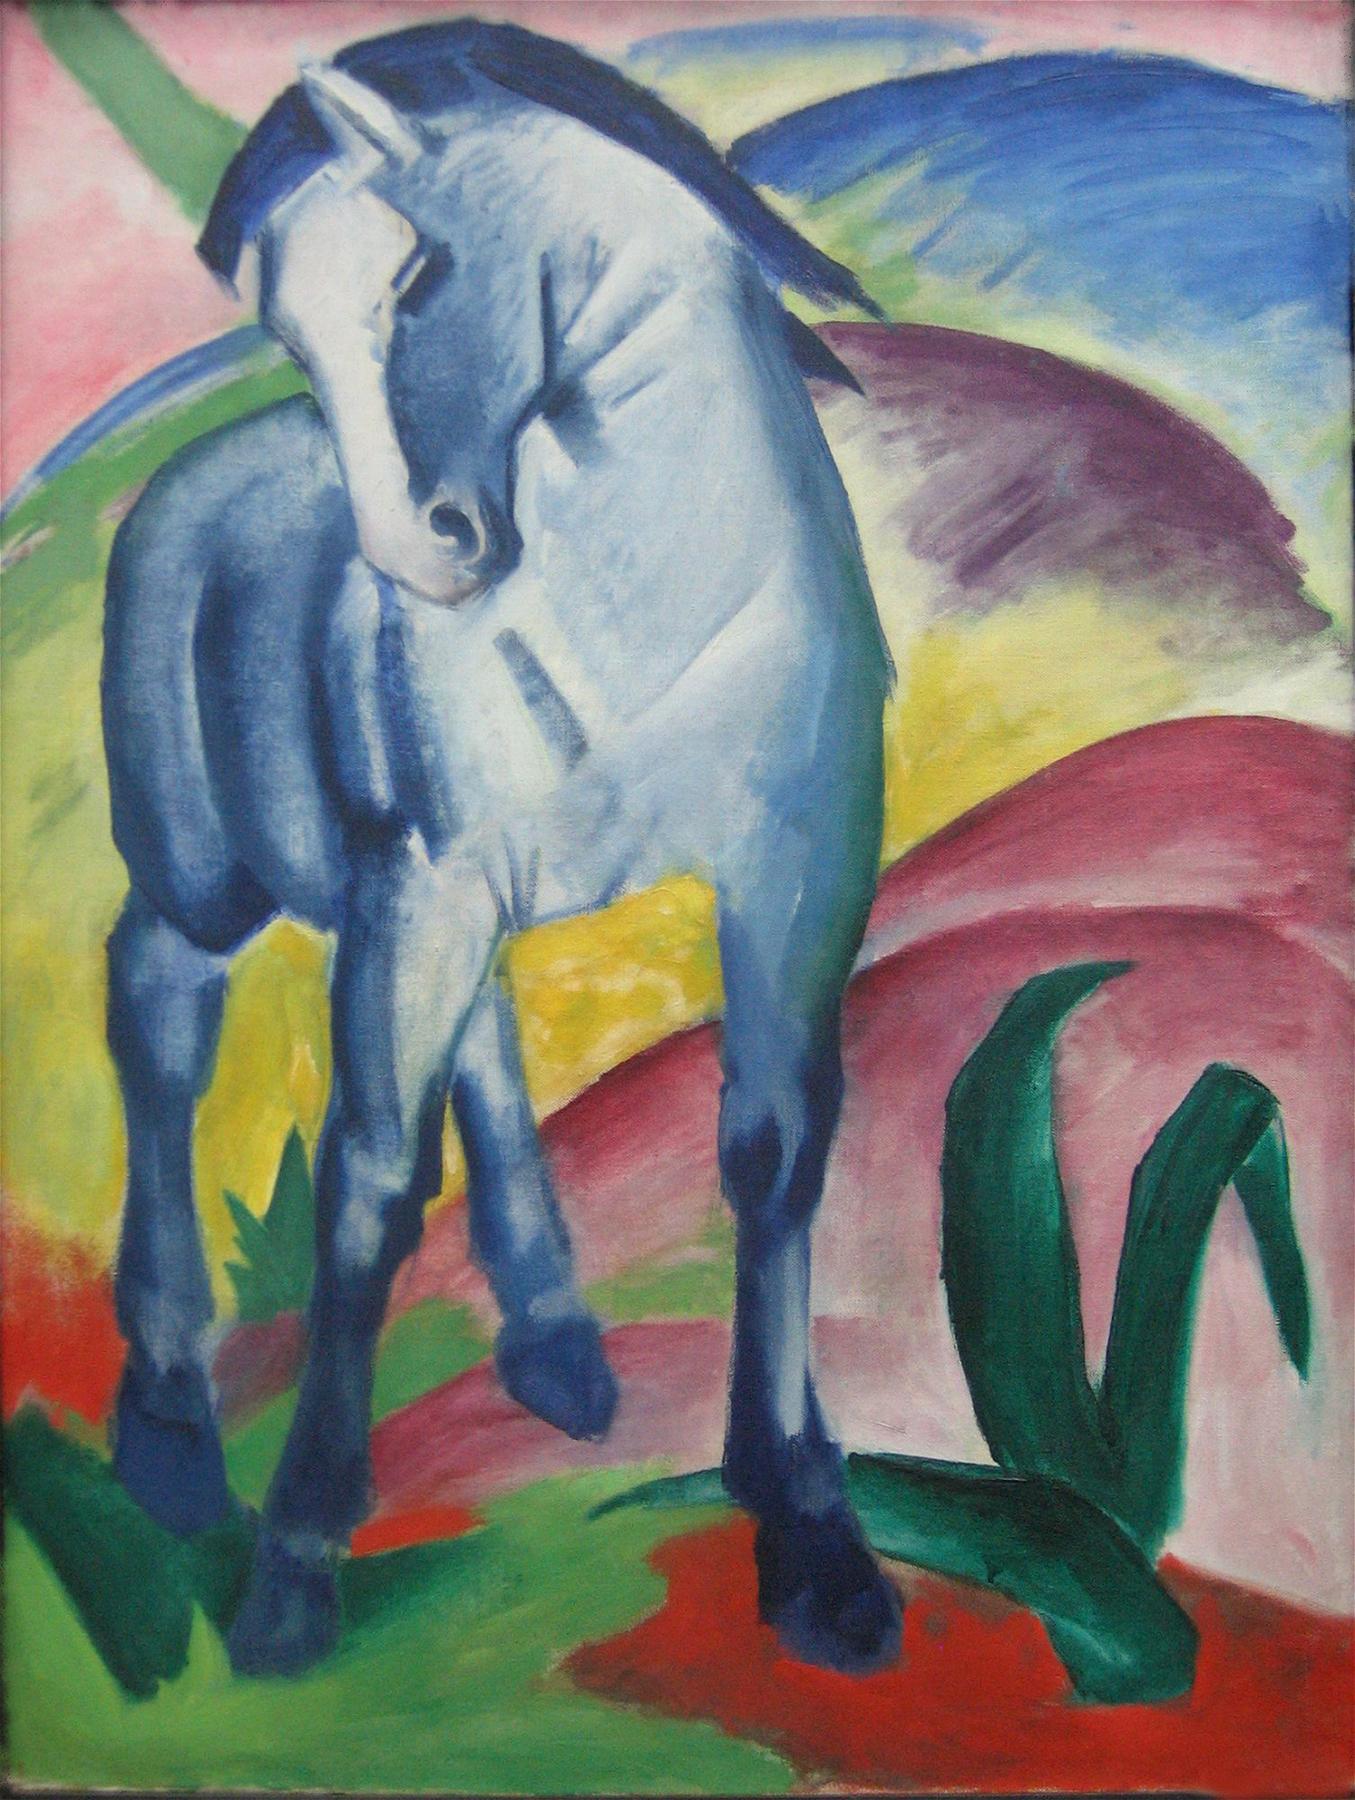 Franz Marc, Blaues Pferd I, 1911, München, Städtische Galerie im Lenbachhaus